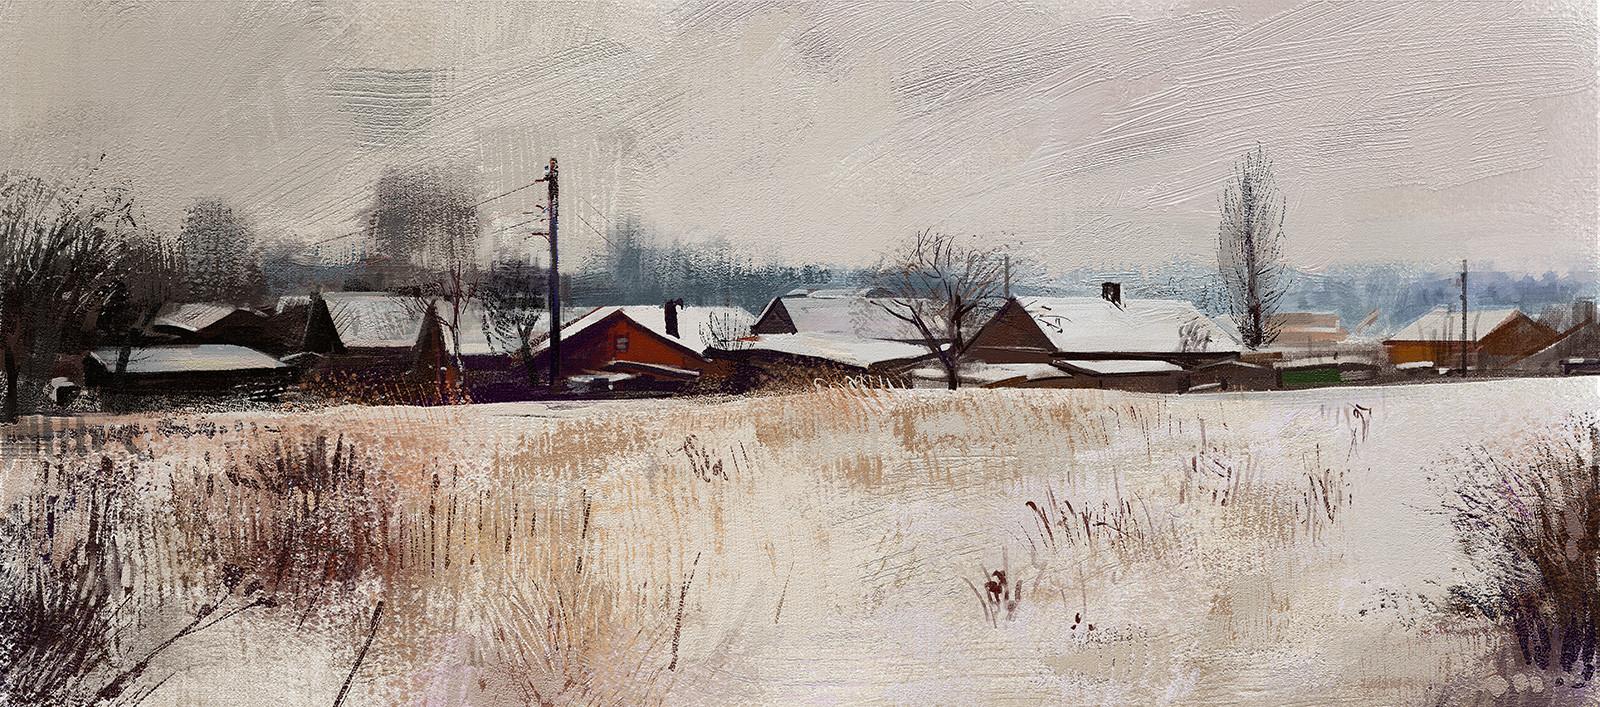 Tymoteusz chliszcz landscape winter3 by chliszcz